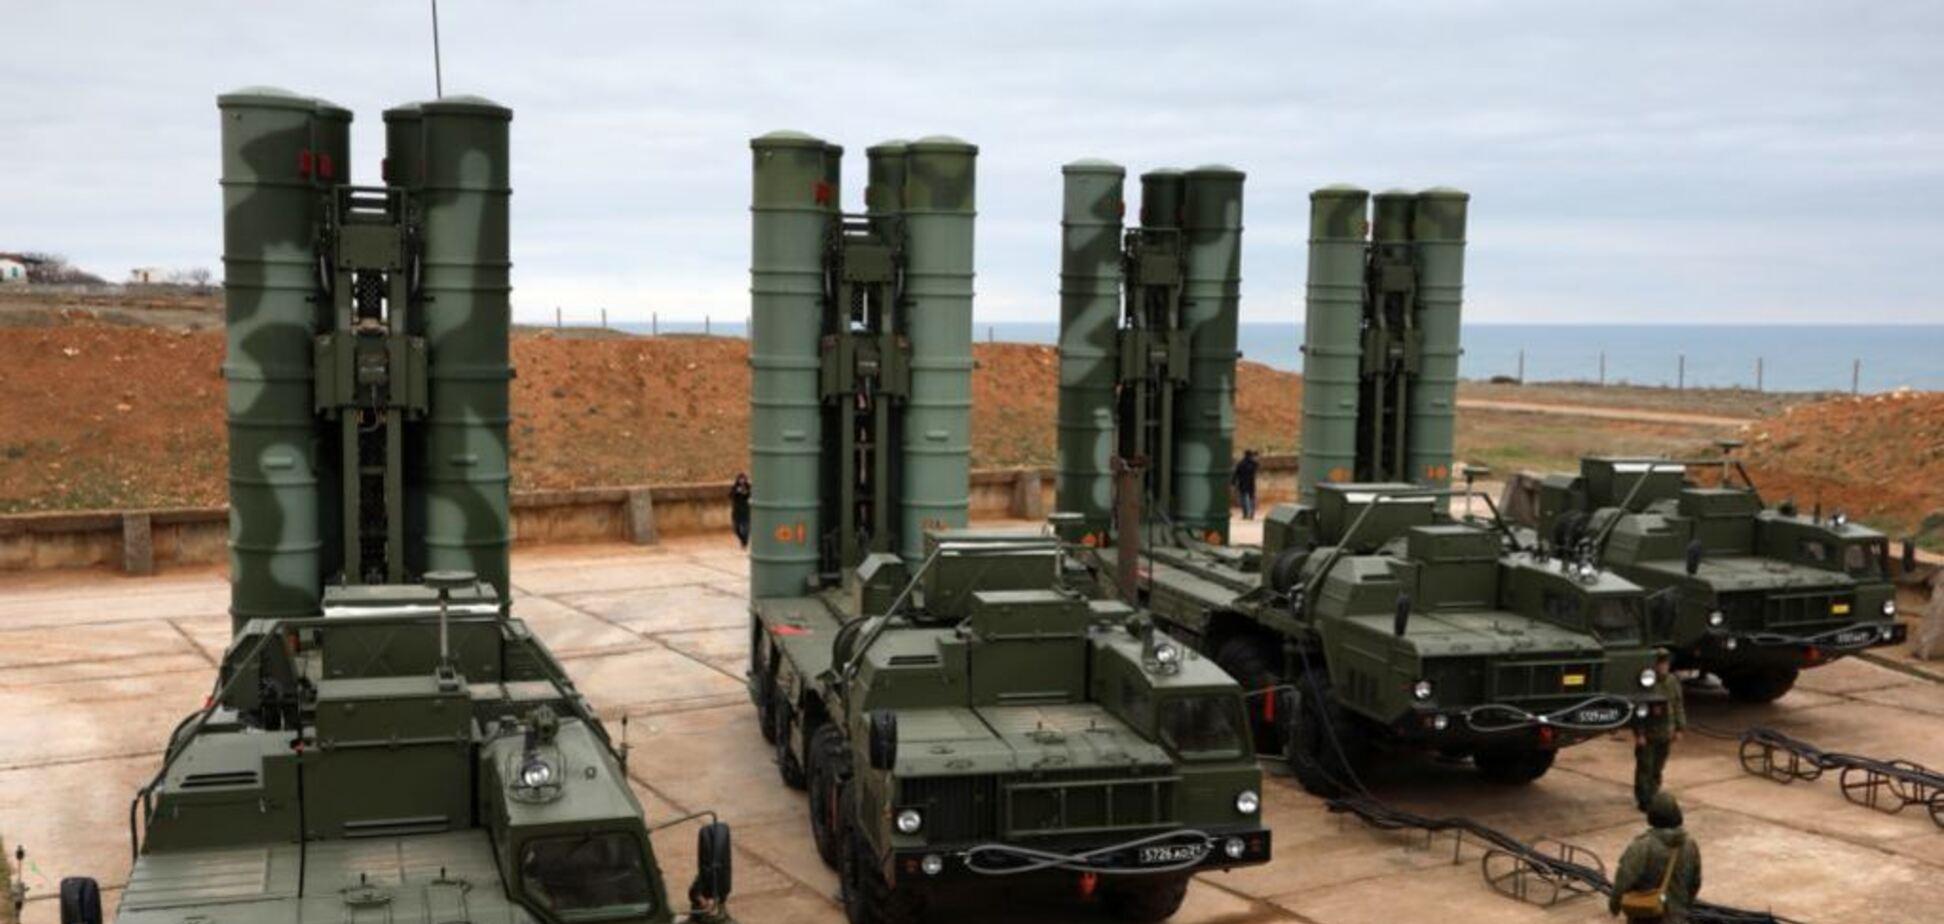 Окупанти Криму по тривозі підняли військових і літаки: що трапилося